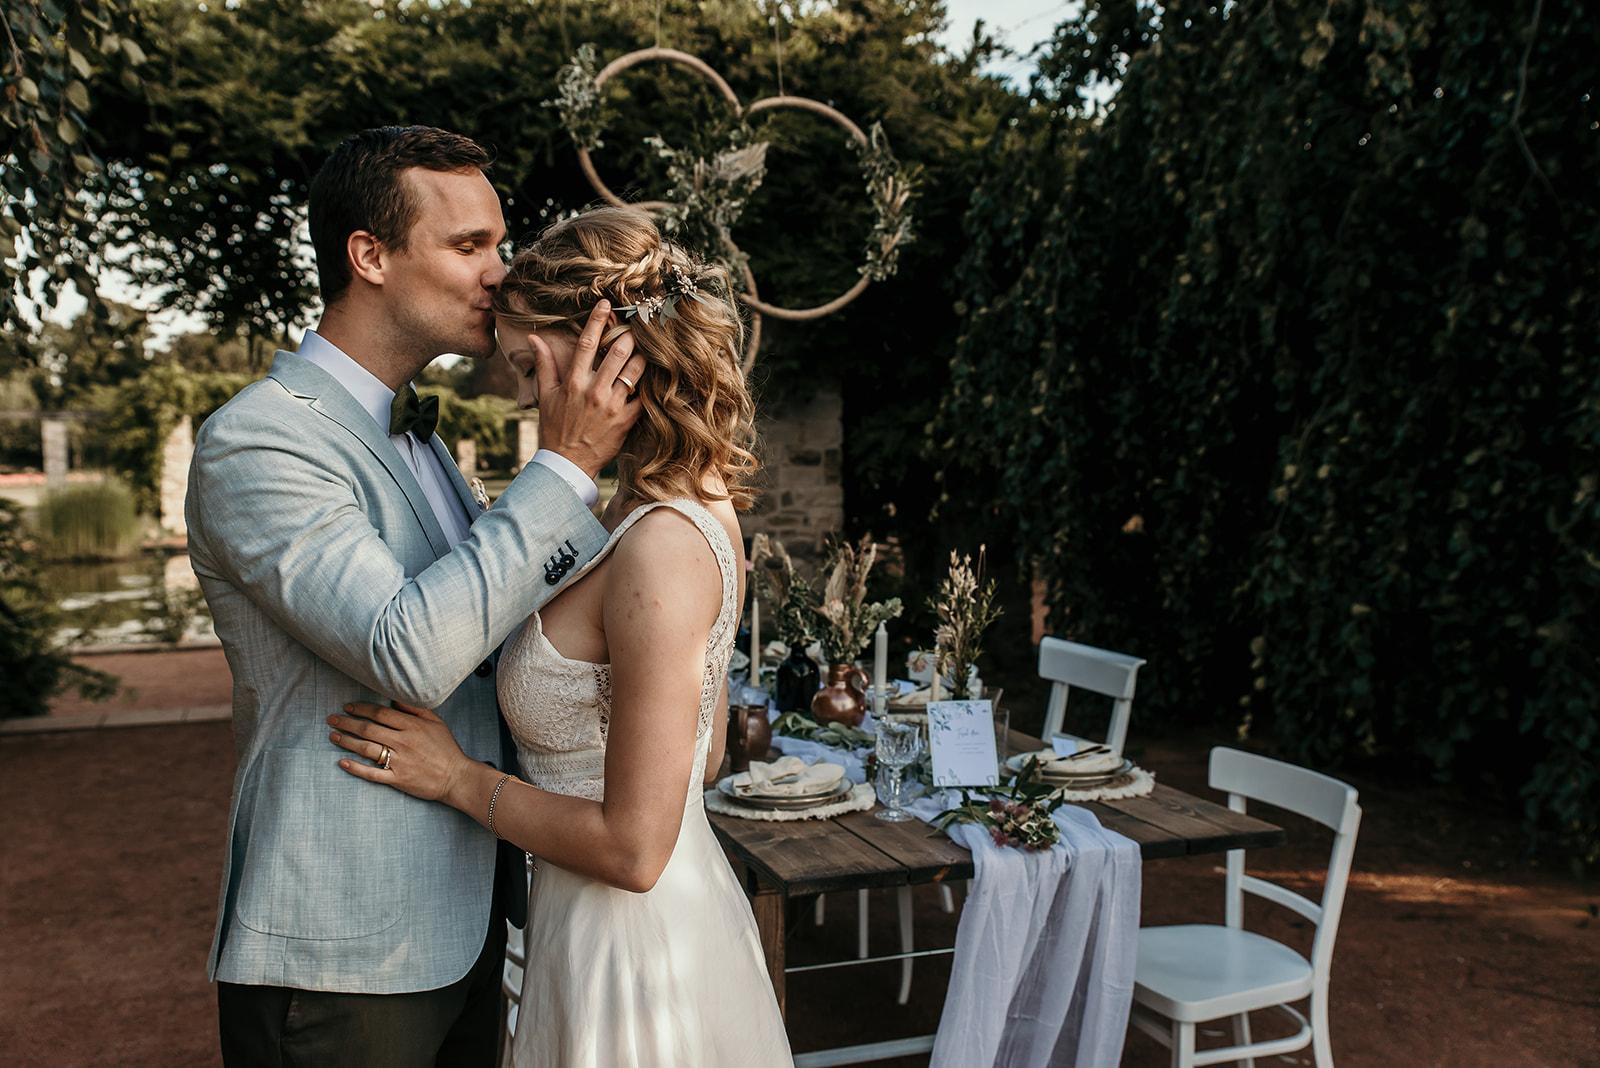 Hilfe bei der Hochzeitsplanung